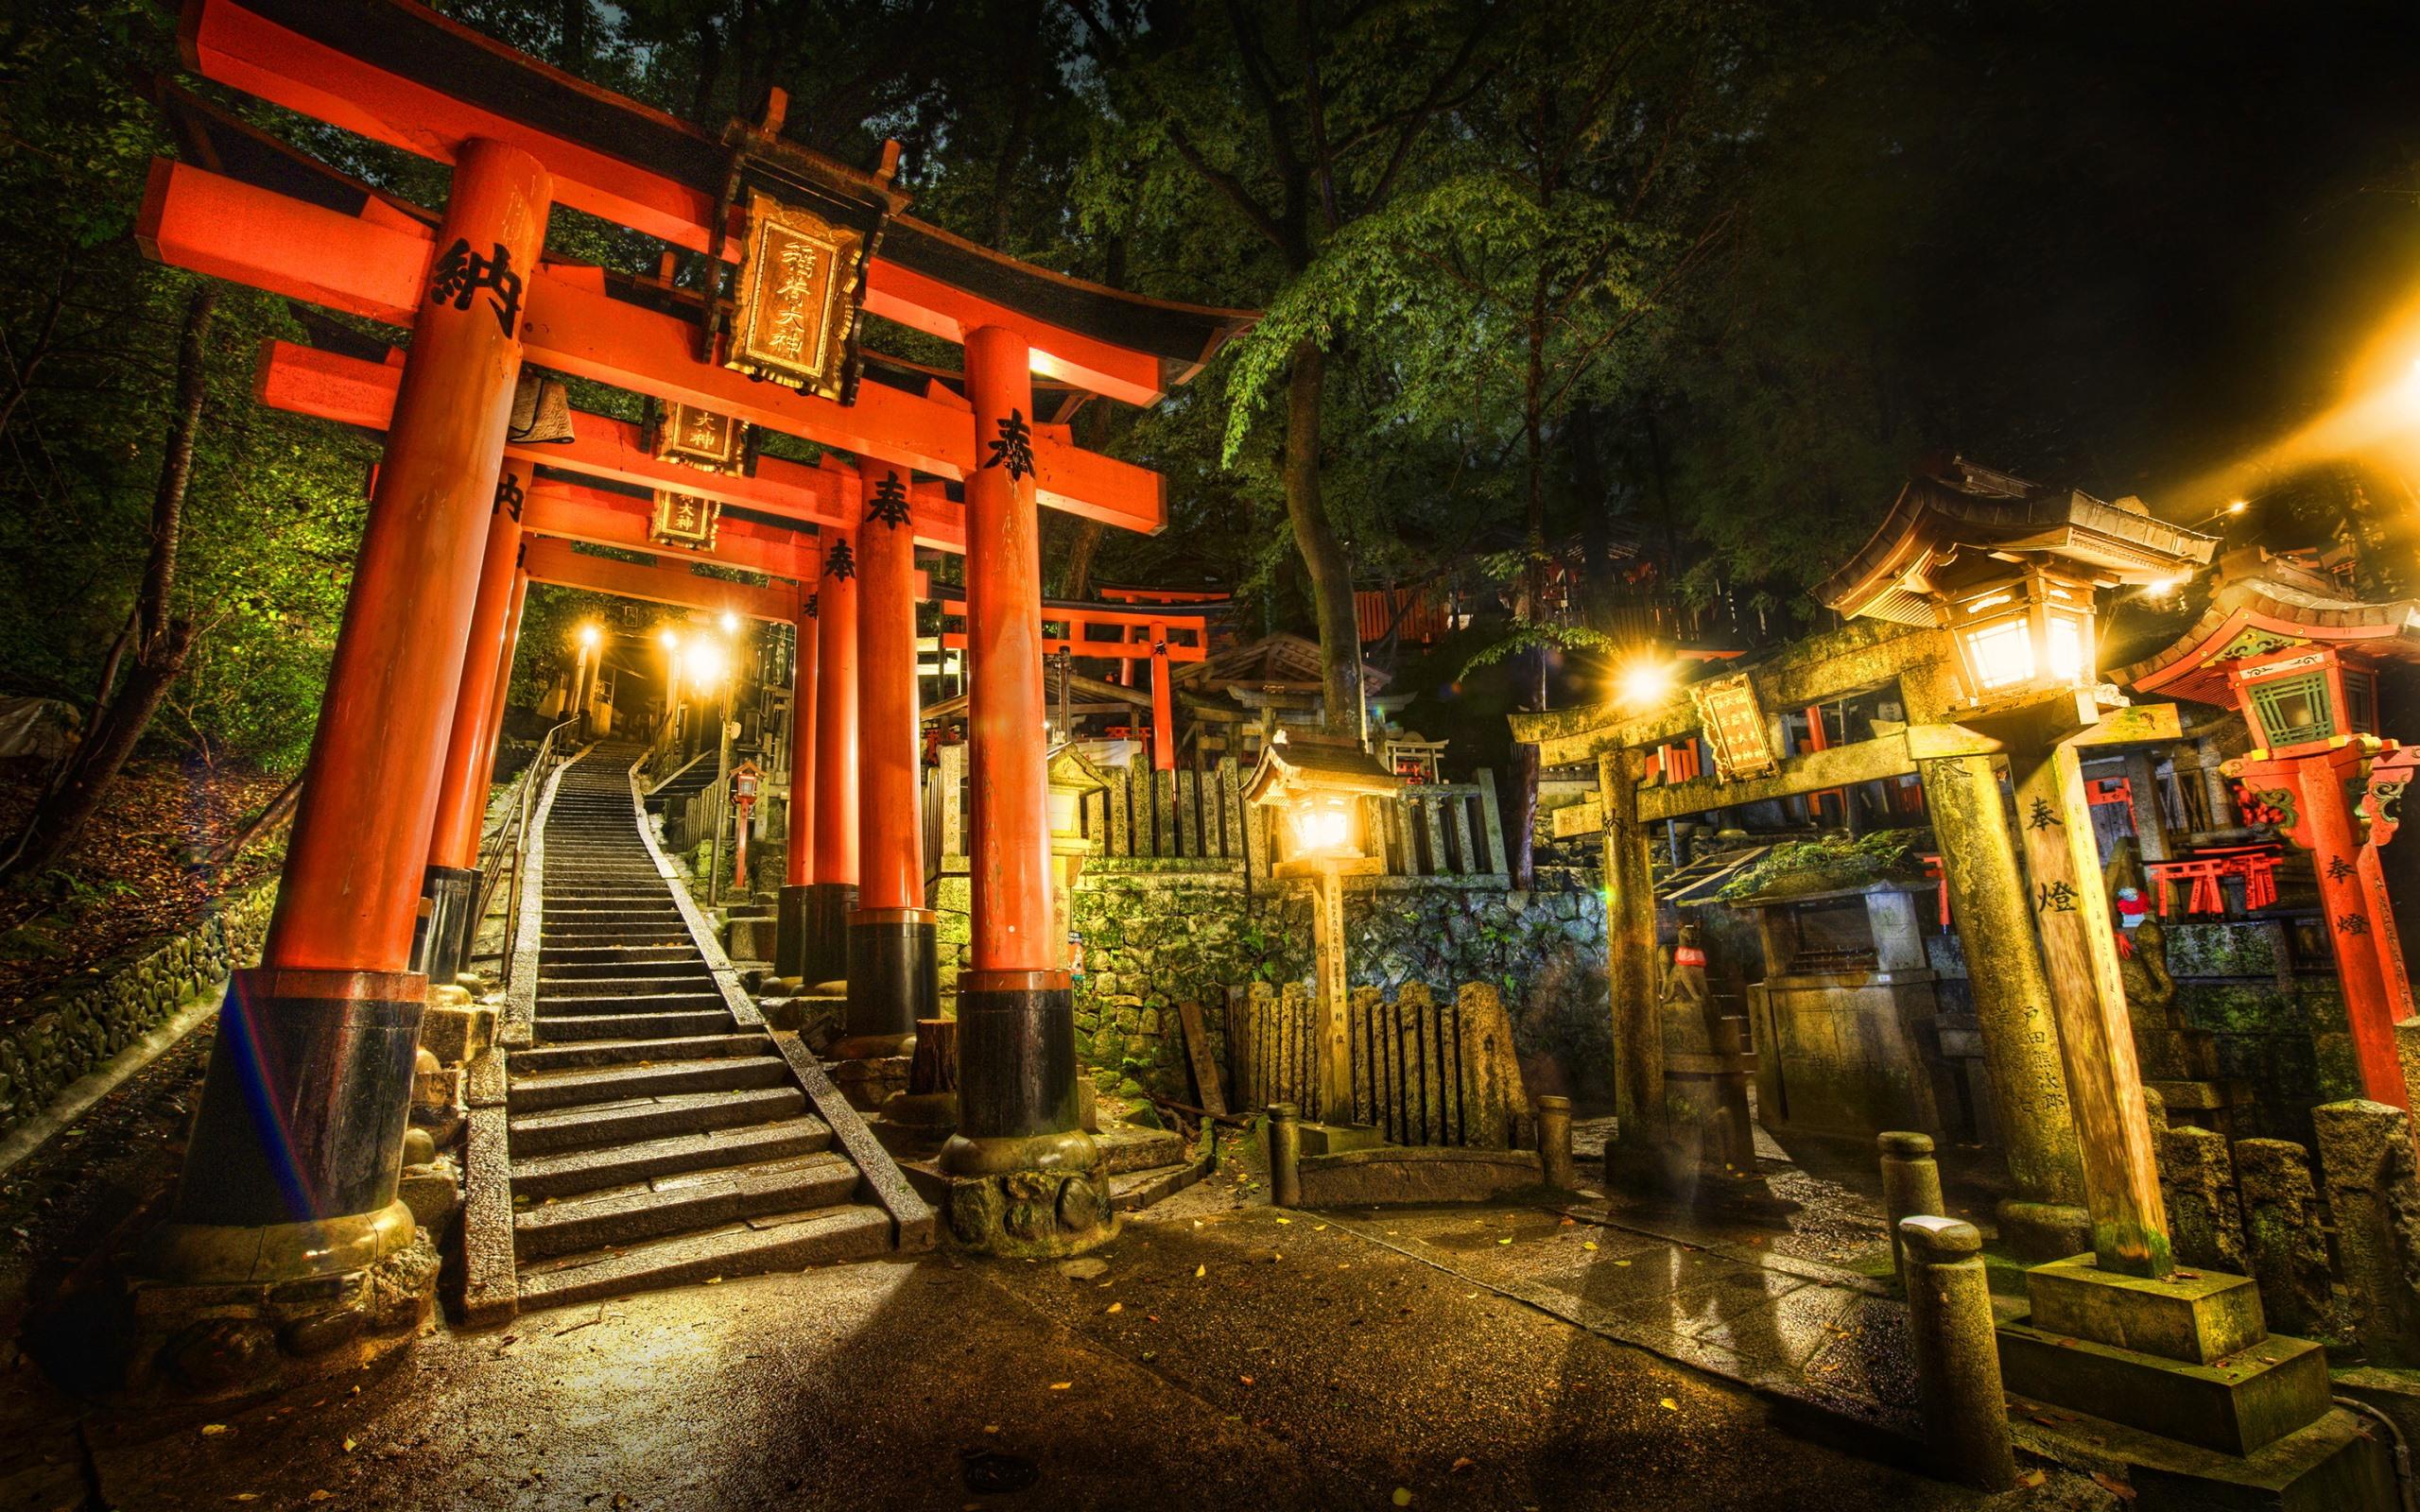 壁紙 鳥居 神社 日本 ライト 夜 2560x1600 Hd 無料のデスクトップの背景 画像